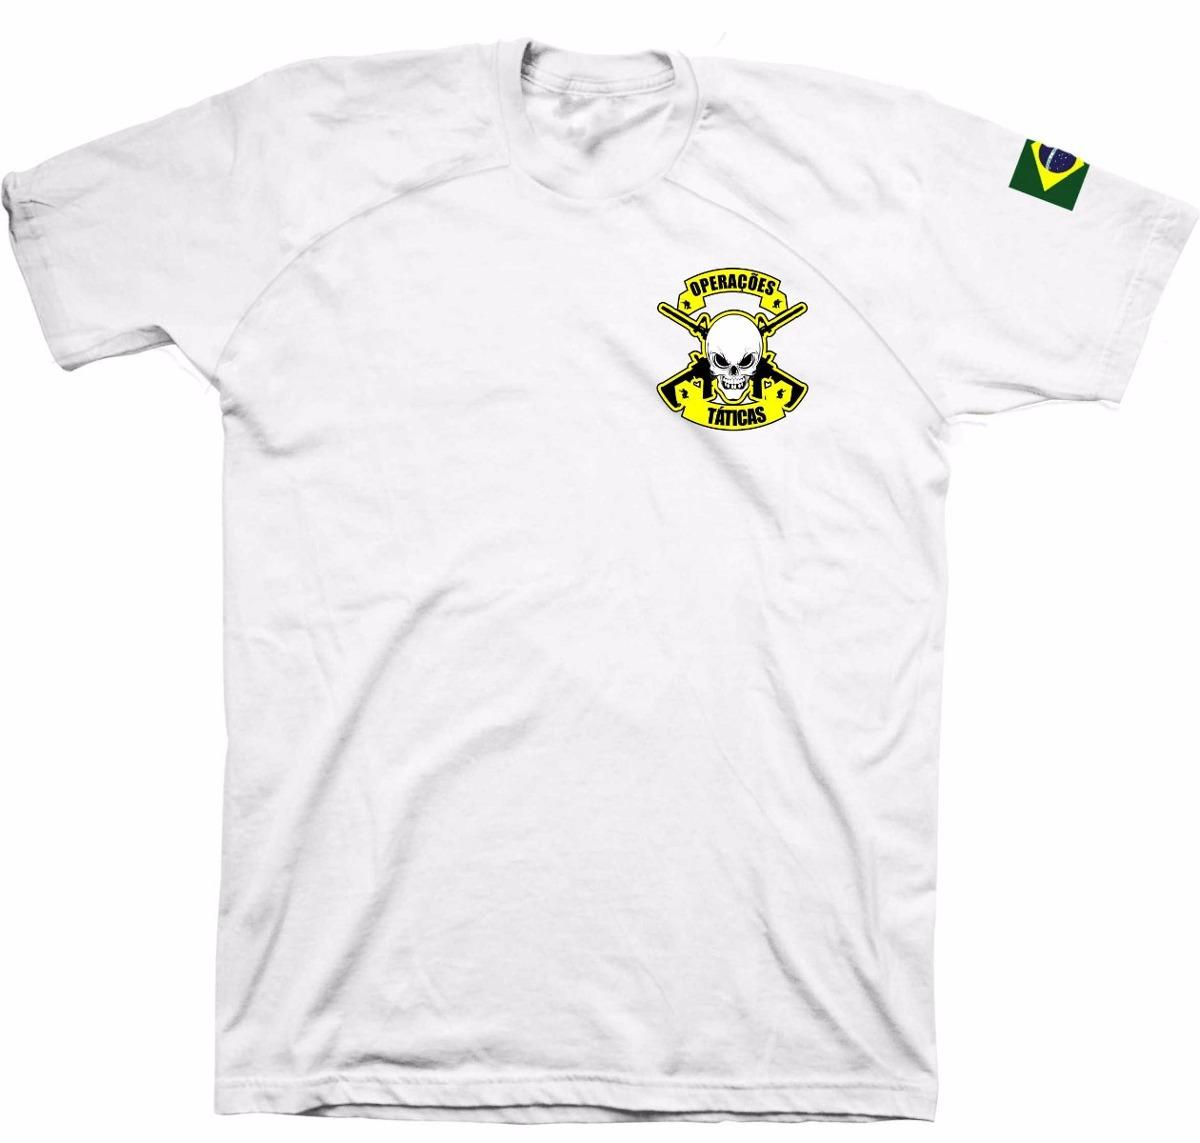 fe9aebf557 Camiseta Militar- Operações Táticas Com Nome Personalizado - R  79 ...